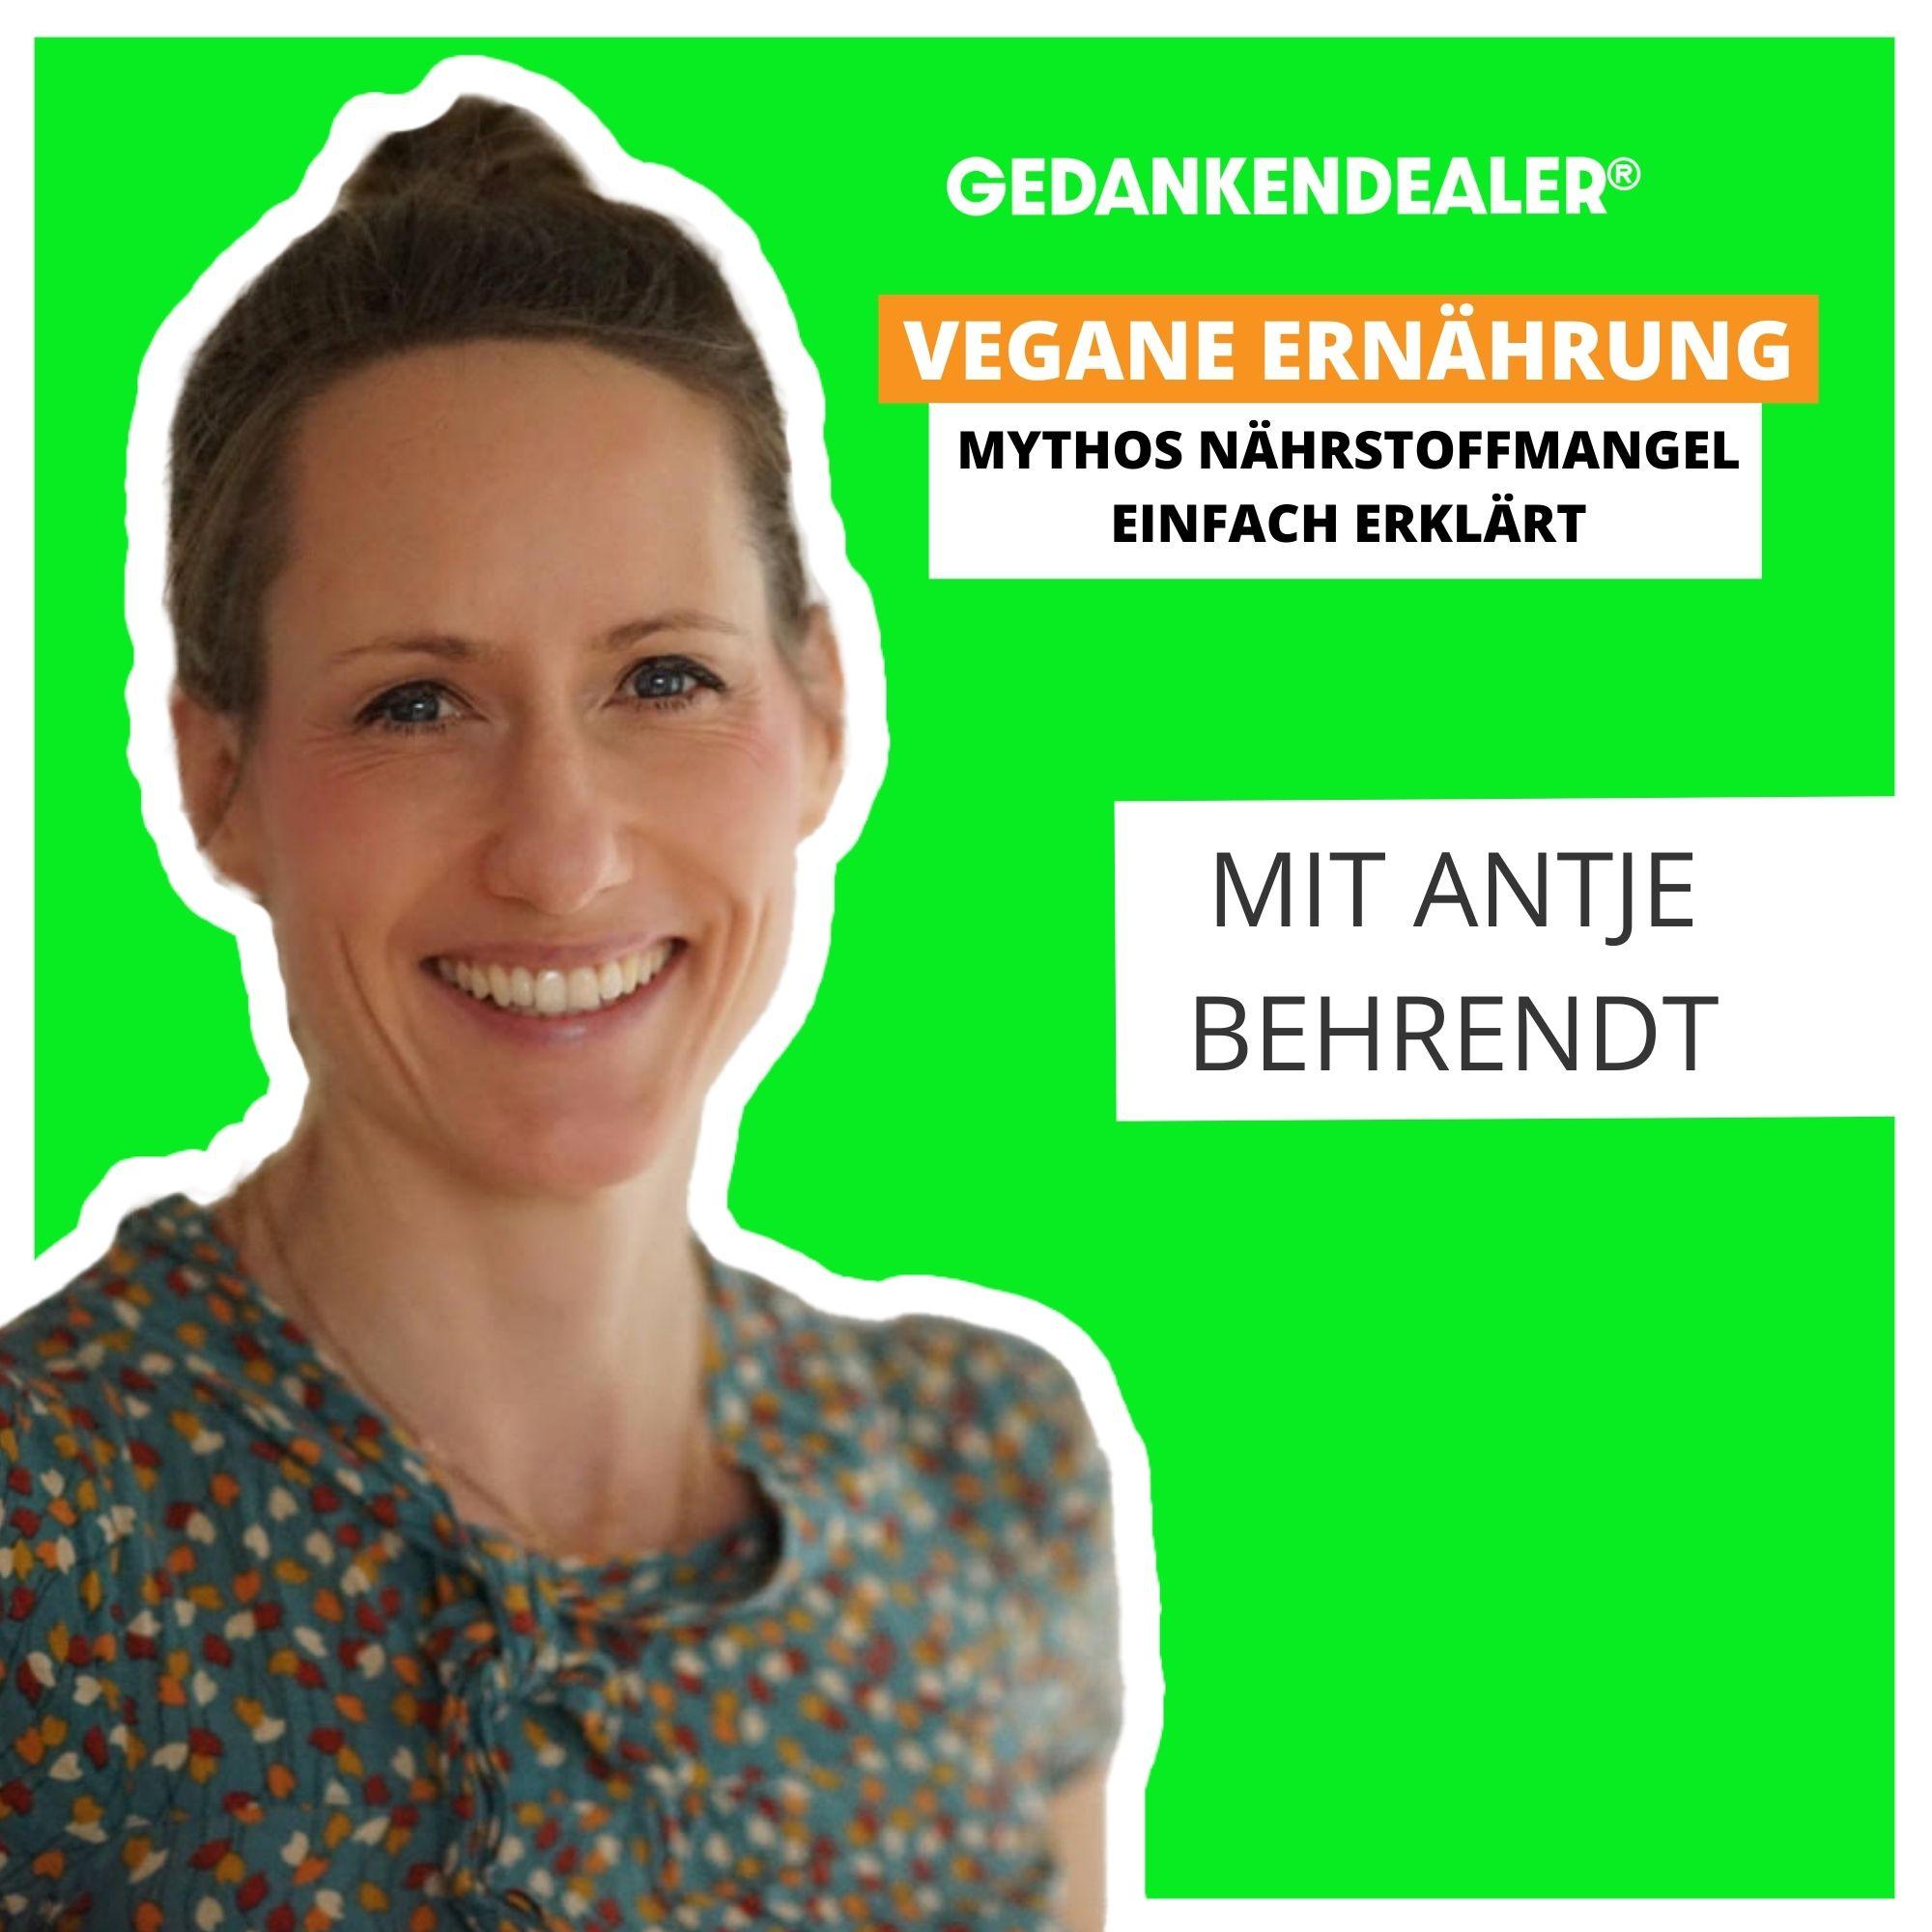 Vegane Ernährung: Mythos Nährstoffmangel einfach erklärt